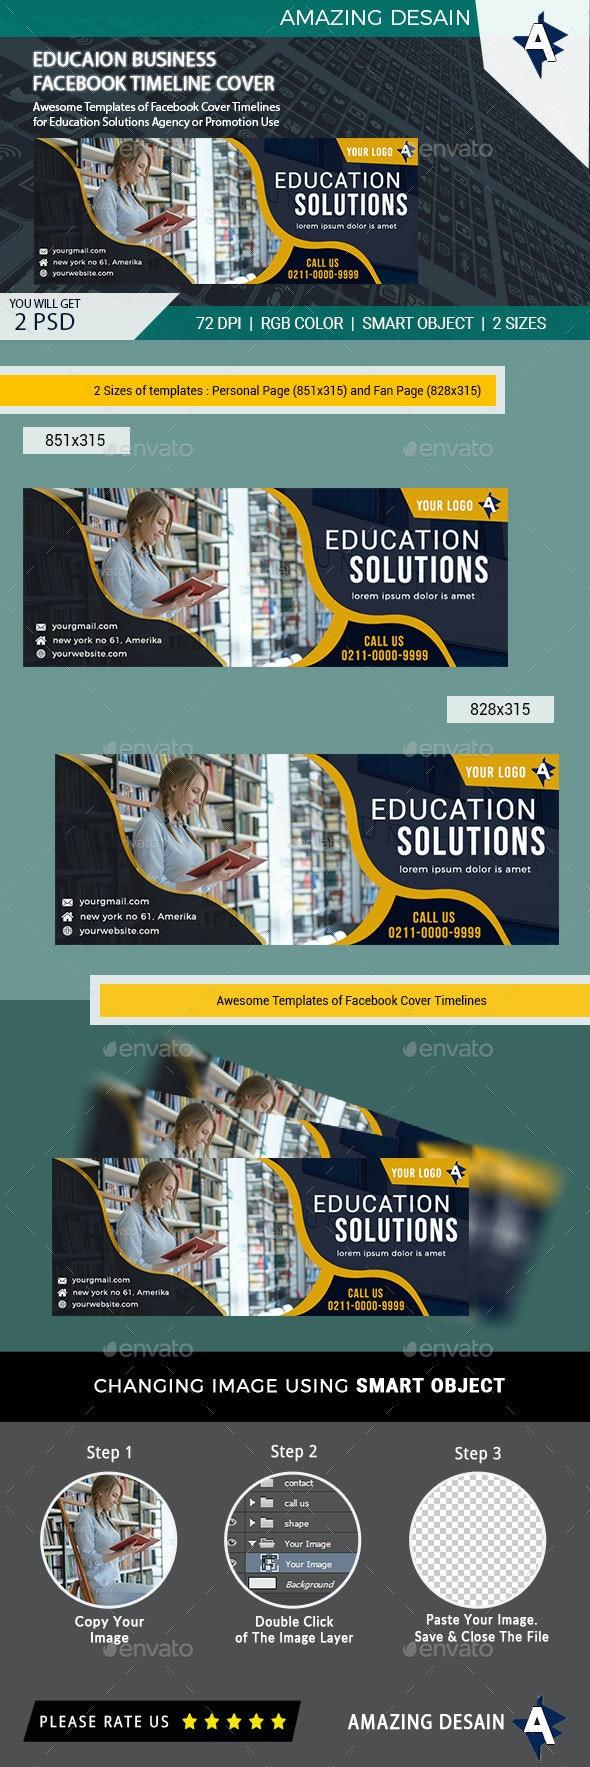 Education Facebook Cover Timeline - Facebook Timeline Covers Social Media